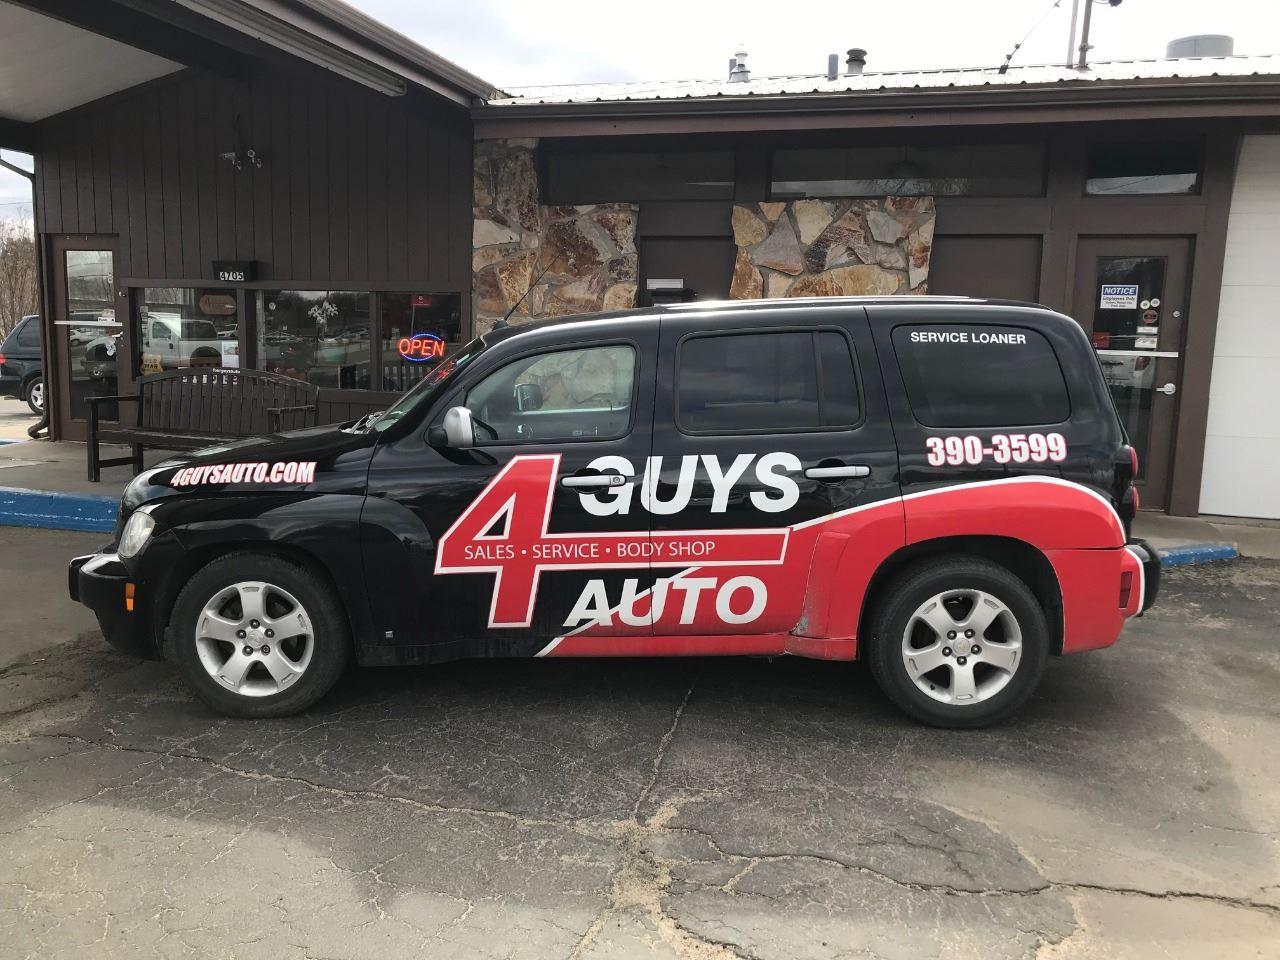 Four Guys Auto